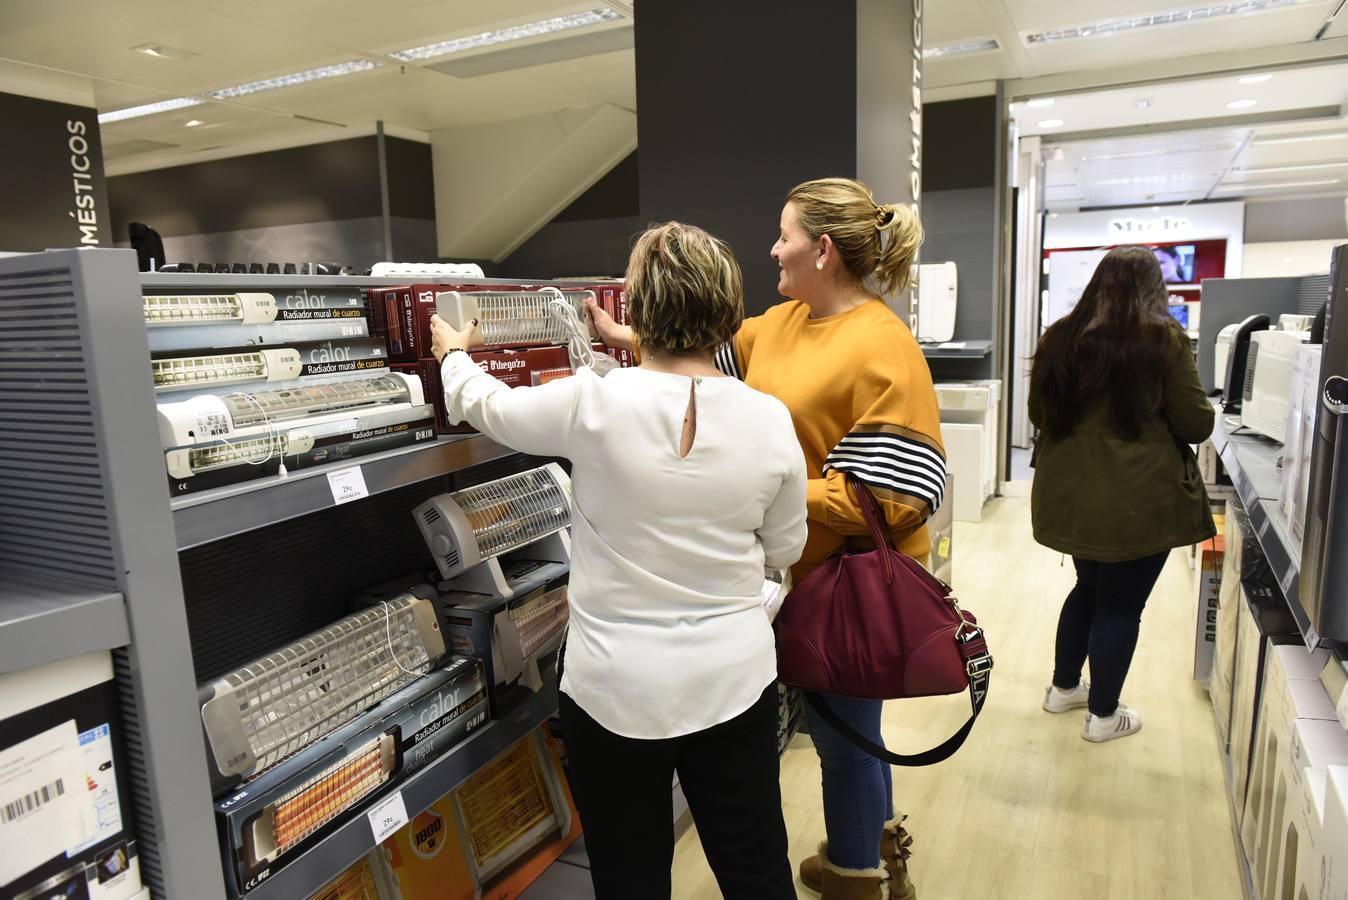 Las ventas de artículos de calefacción se duplican en Murcia